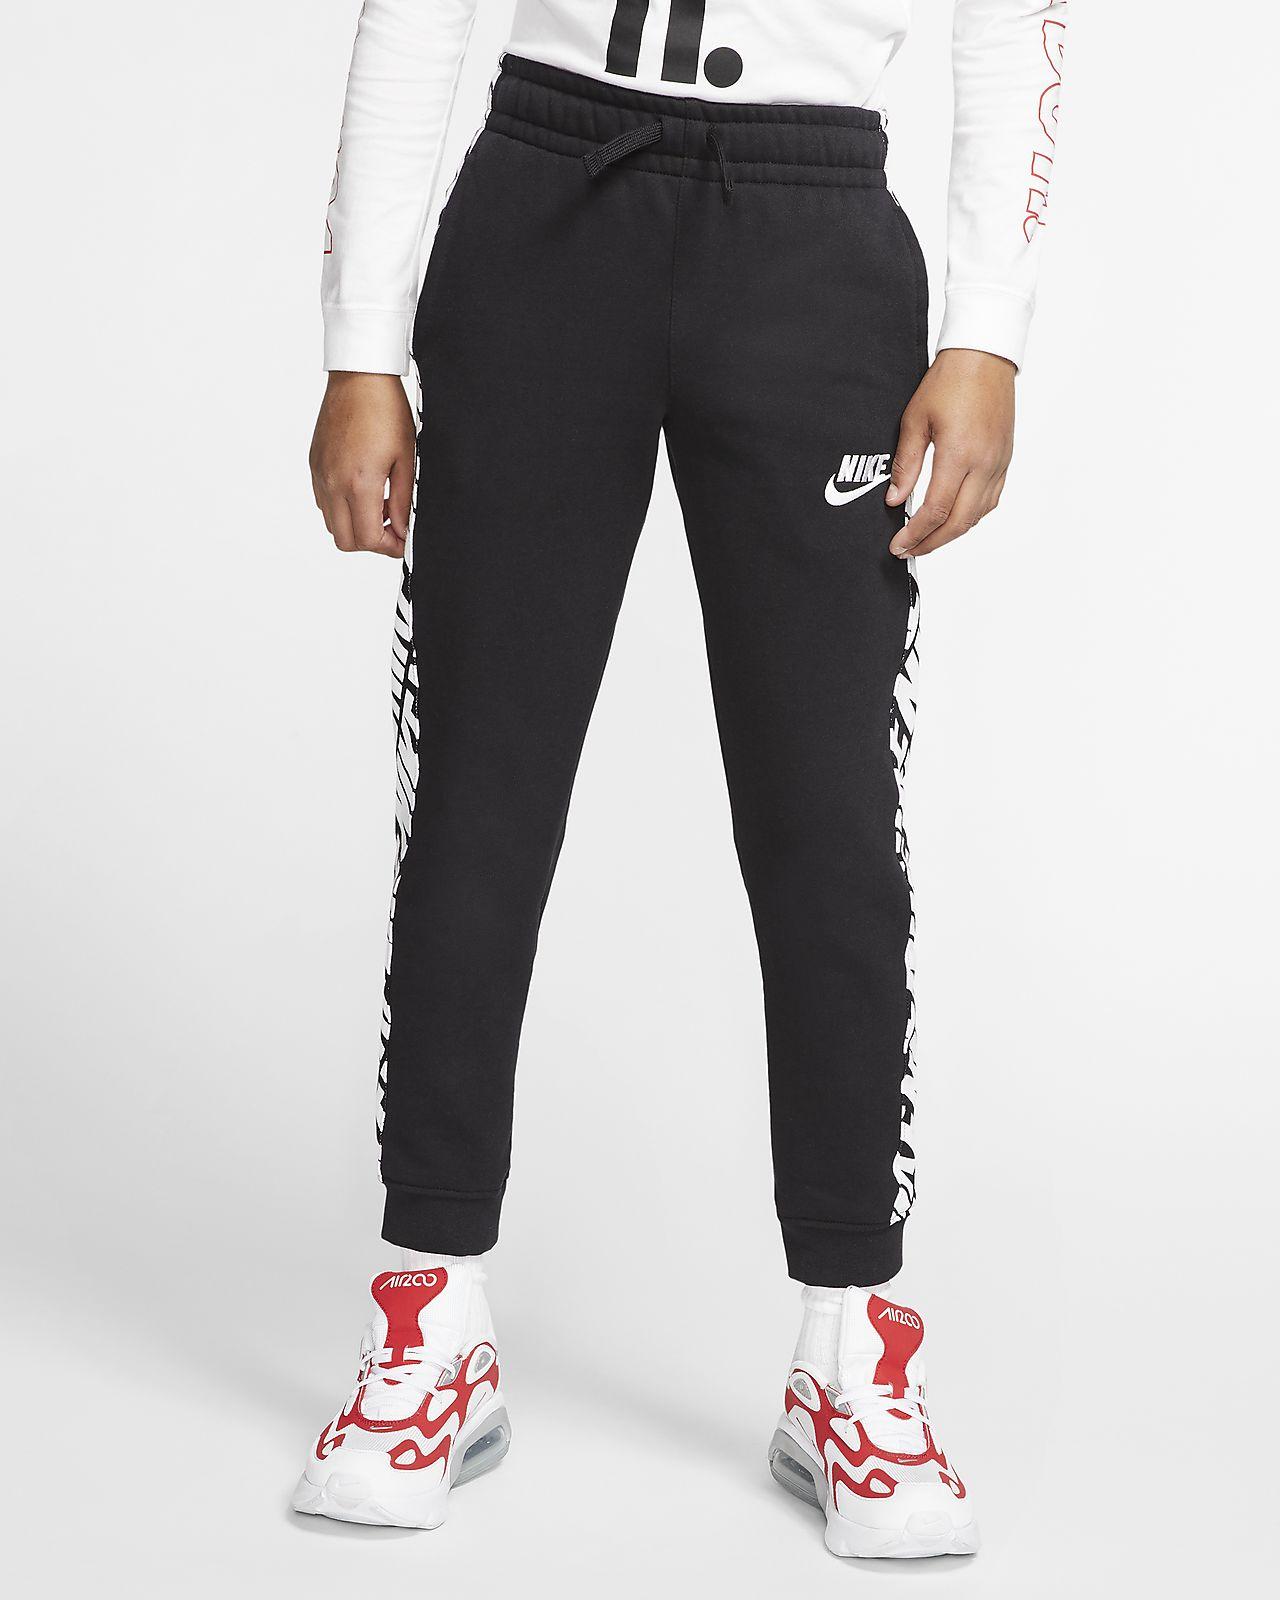 Spodnie z dzianiny dla dużych dzieci (chłopców) Nike Sportswear